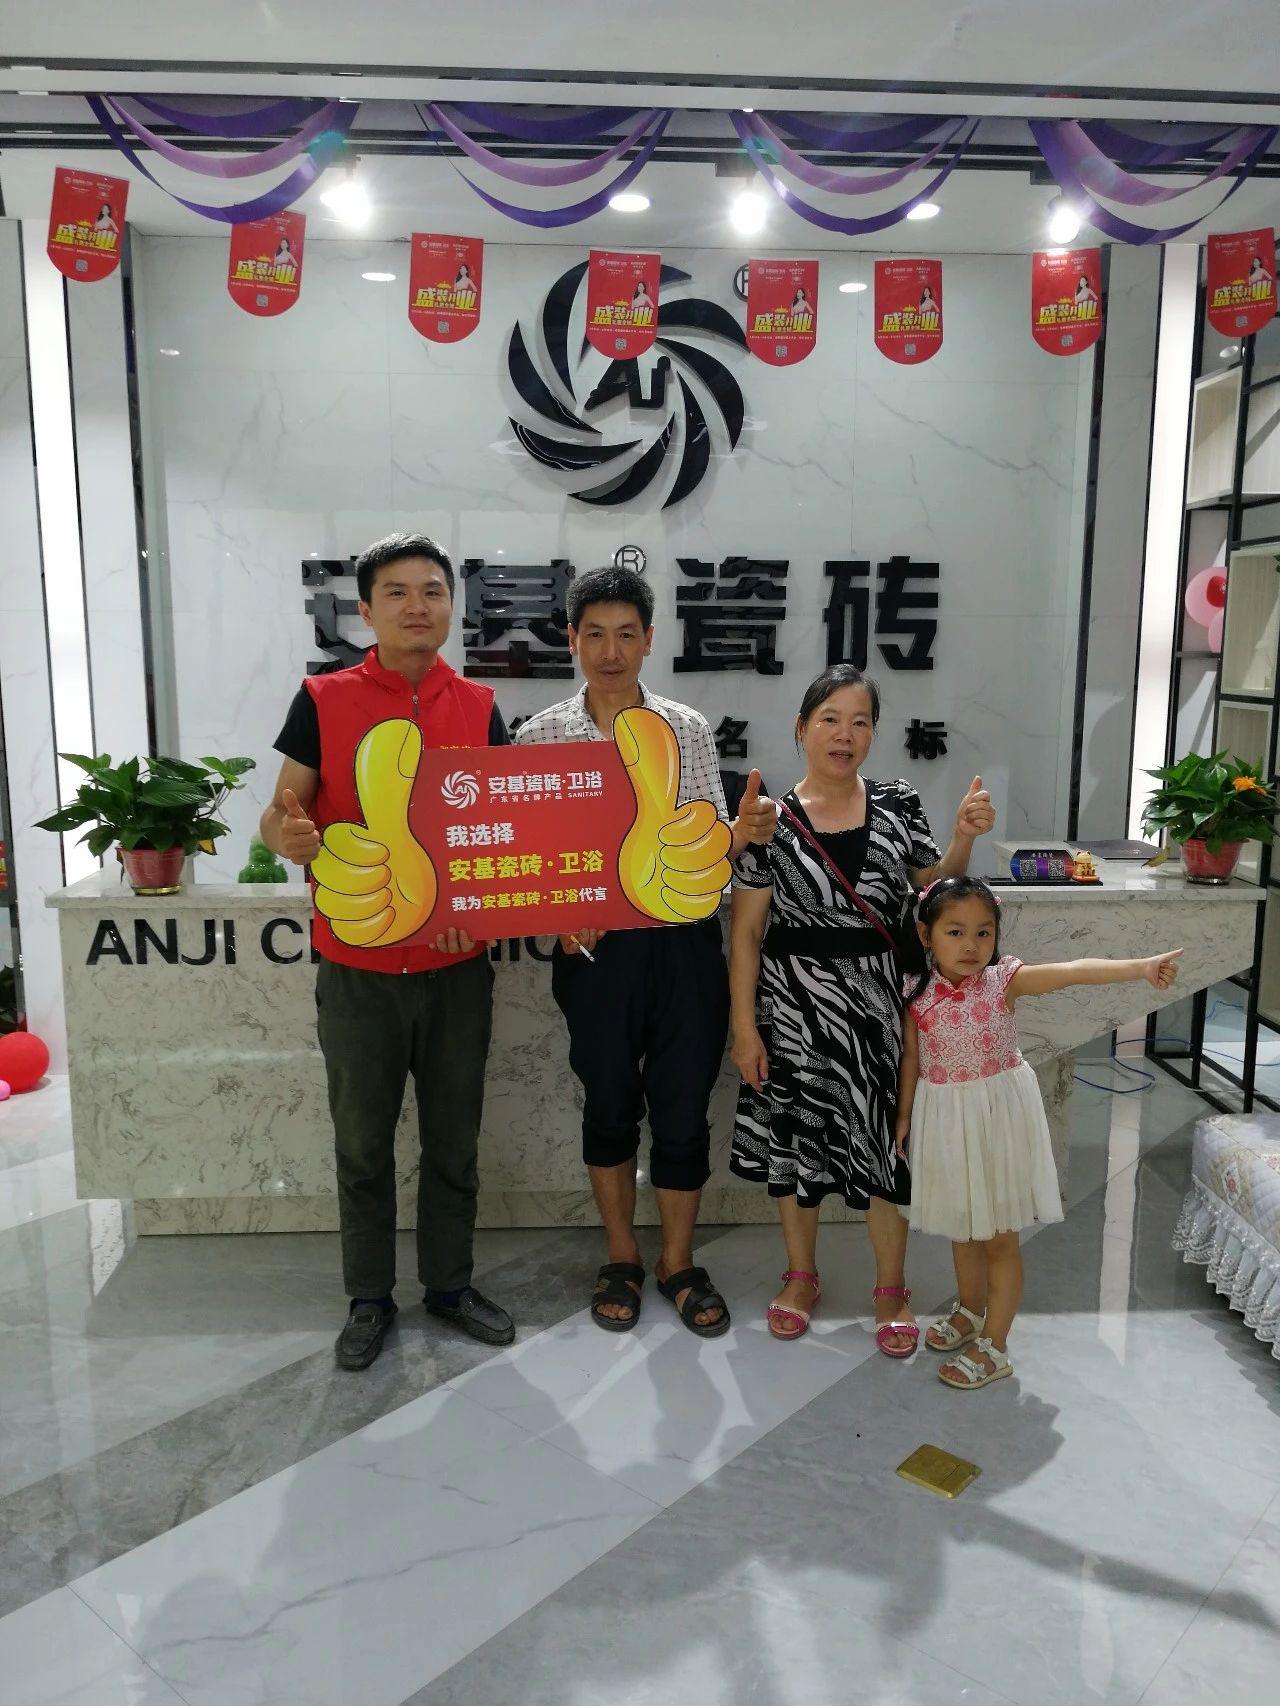 安基瓷砖贵州余庆专卖店盛大开业